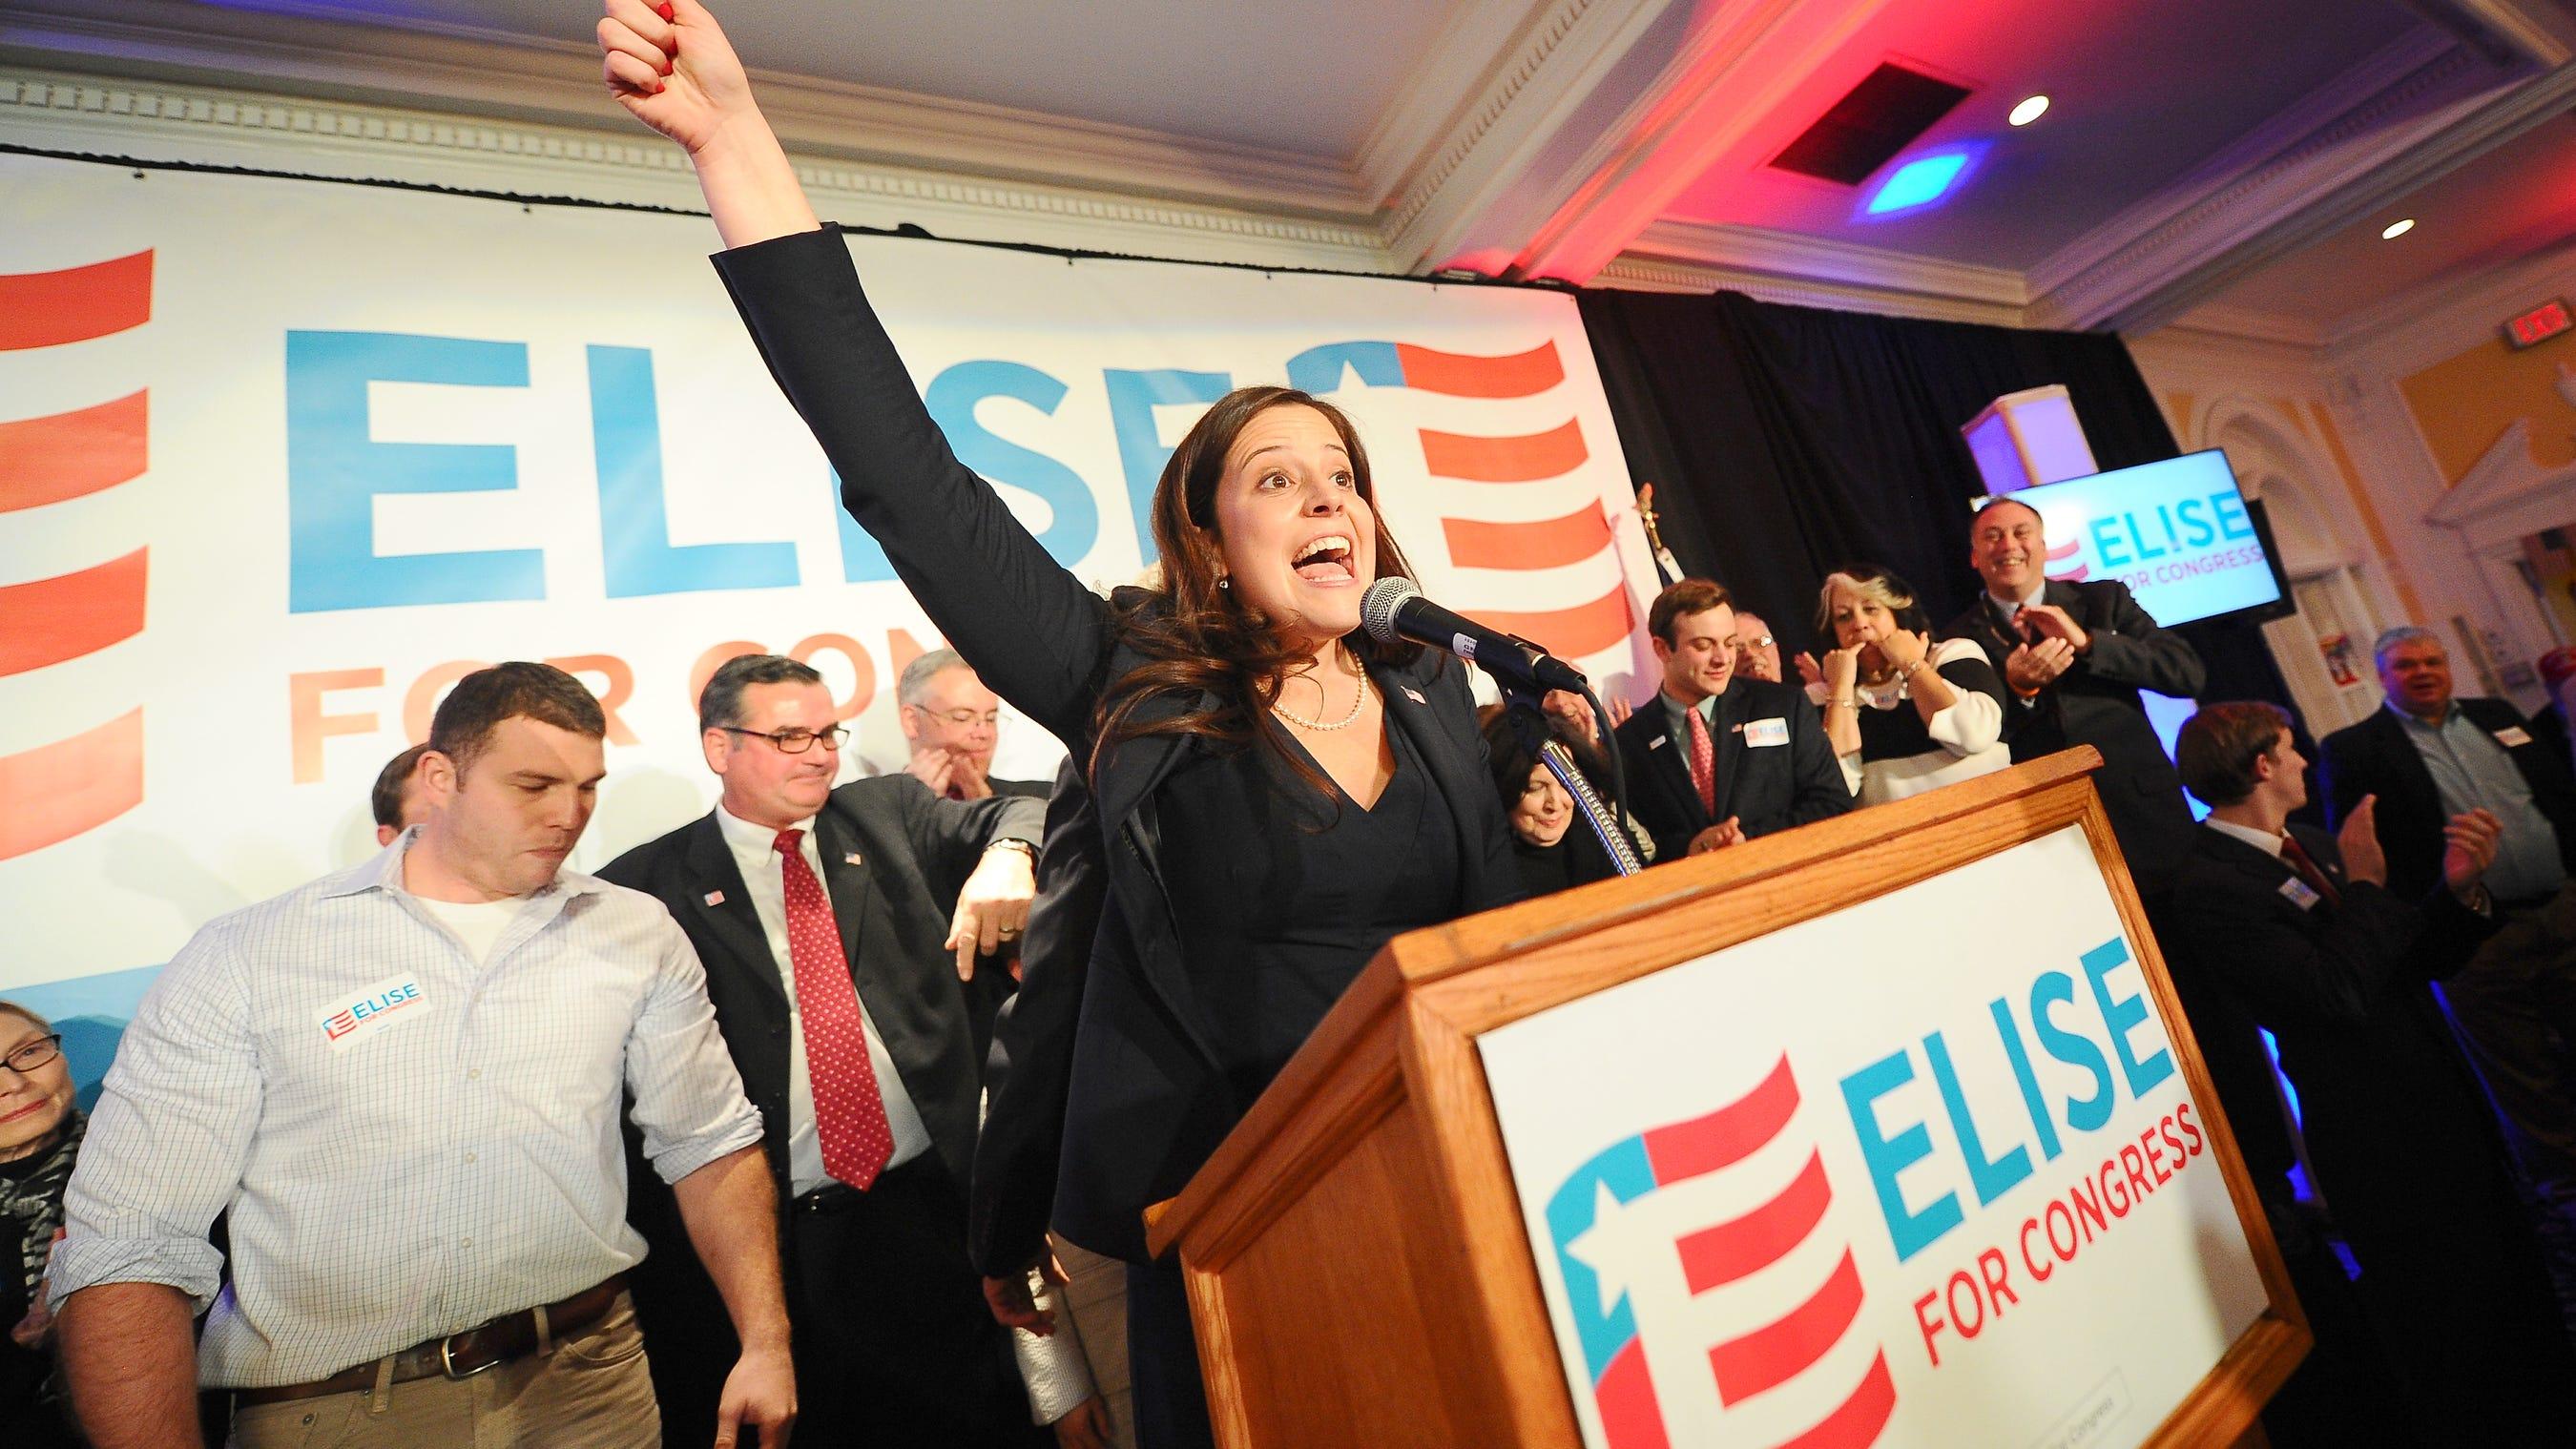 Harvard University removes Rep. Elise Stefanik from ...